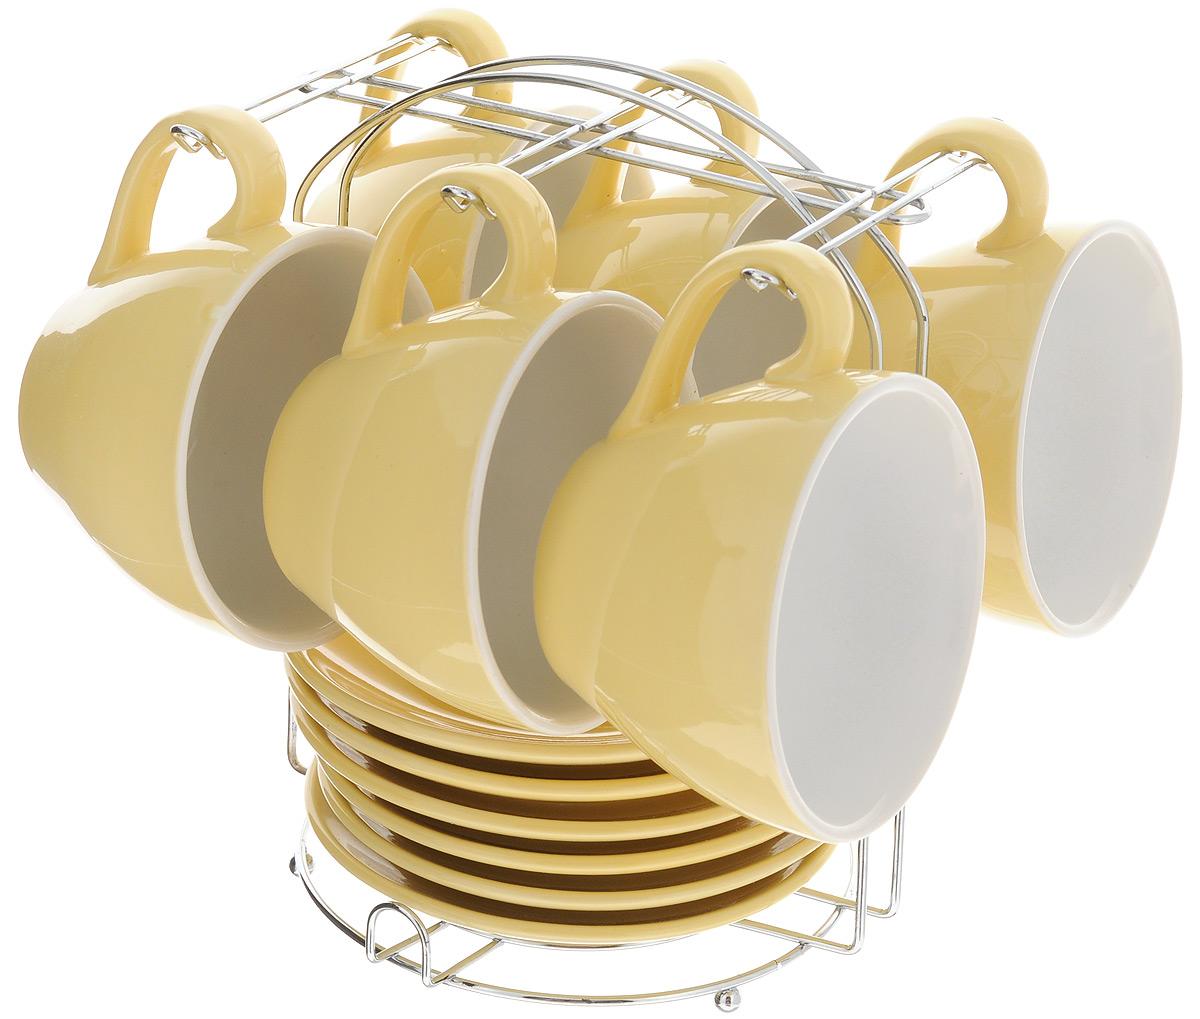 Набор чайный Loraine, на подставке, 13 предметов. 2486224862Набор Loraine состоит из шести чашек и шести блюдец, изготовленных из высококачественной керамики. Для компактного хранения изделий предусмотрена металлическая подставка. Такой набор идеально подойдет для подачи чая или кофе. Лаконичный дизайн придется по вкусу и ценителям классики, и тем, кто предпочитает утонченность и изысканность. Он настроит на позитивный лад и подарит хорошее настроение с самого утра. Чайный набор Loraine станет отличным подарком для вашего дома и для ваших друзей в праздники. Можно использовать в микроволновой печи, также мыть в посудомоечной машине. Объем чашки: 250 мл. Диаметр чашки (по верхнему краю): 10 см. Высота чашки: 7 см. Диаметр блюдца: 13,7 см. Высота блюдца: 1,8 см. Размер подставки: 17 х 16 х 21 см.